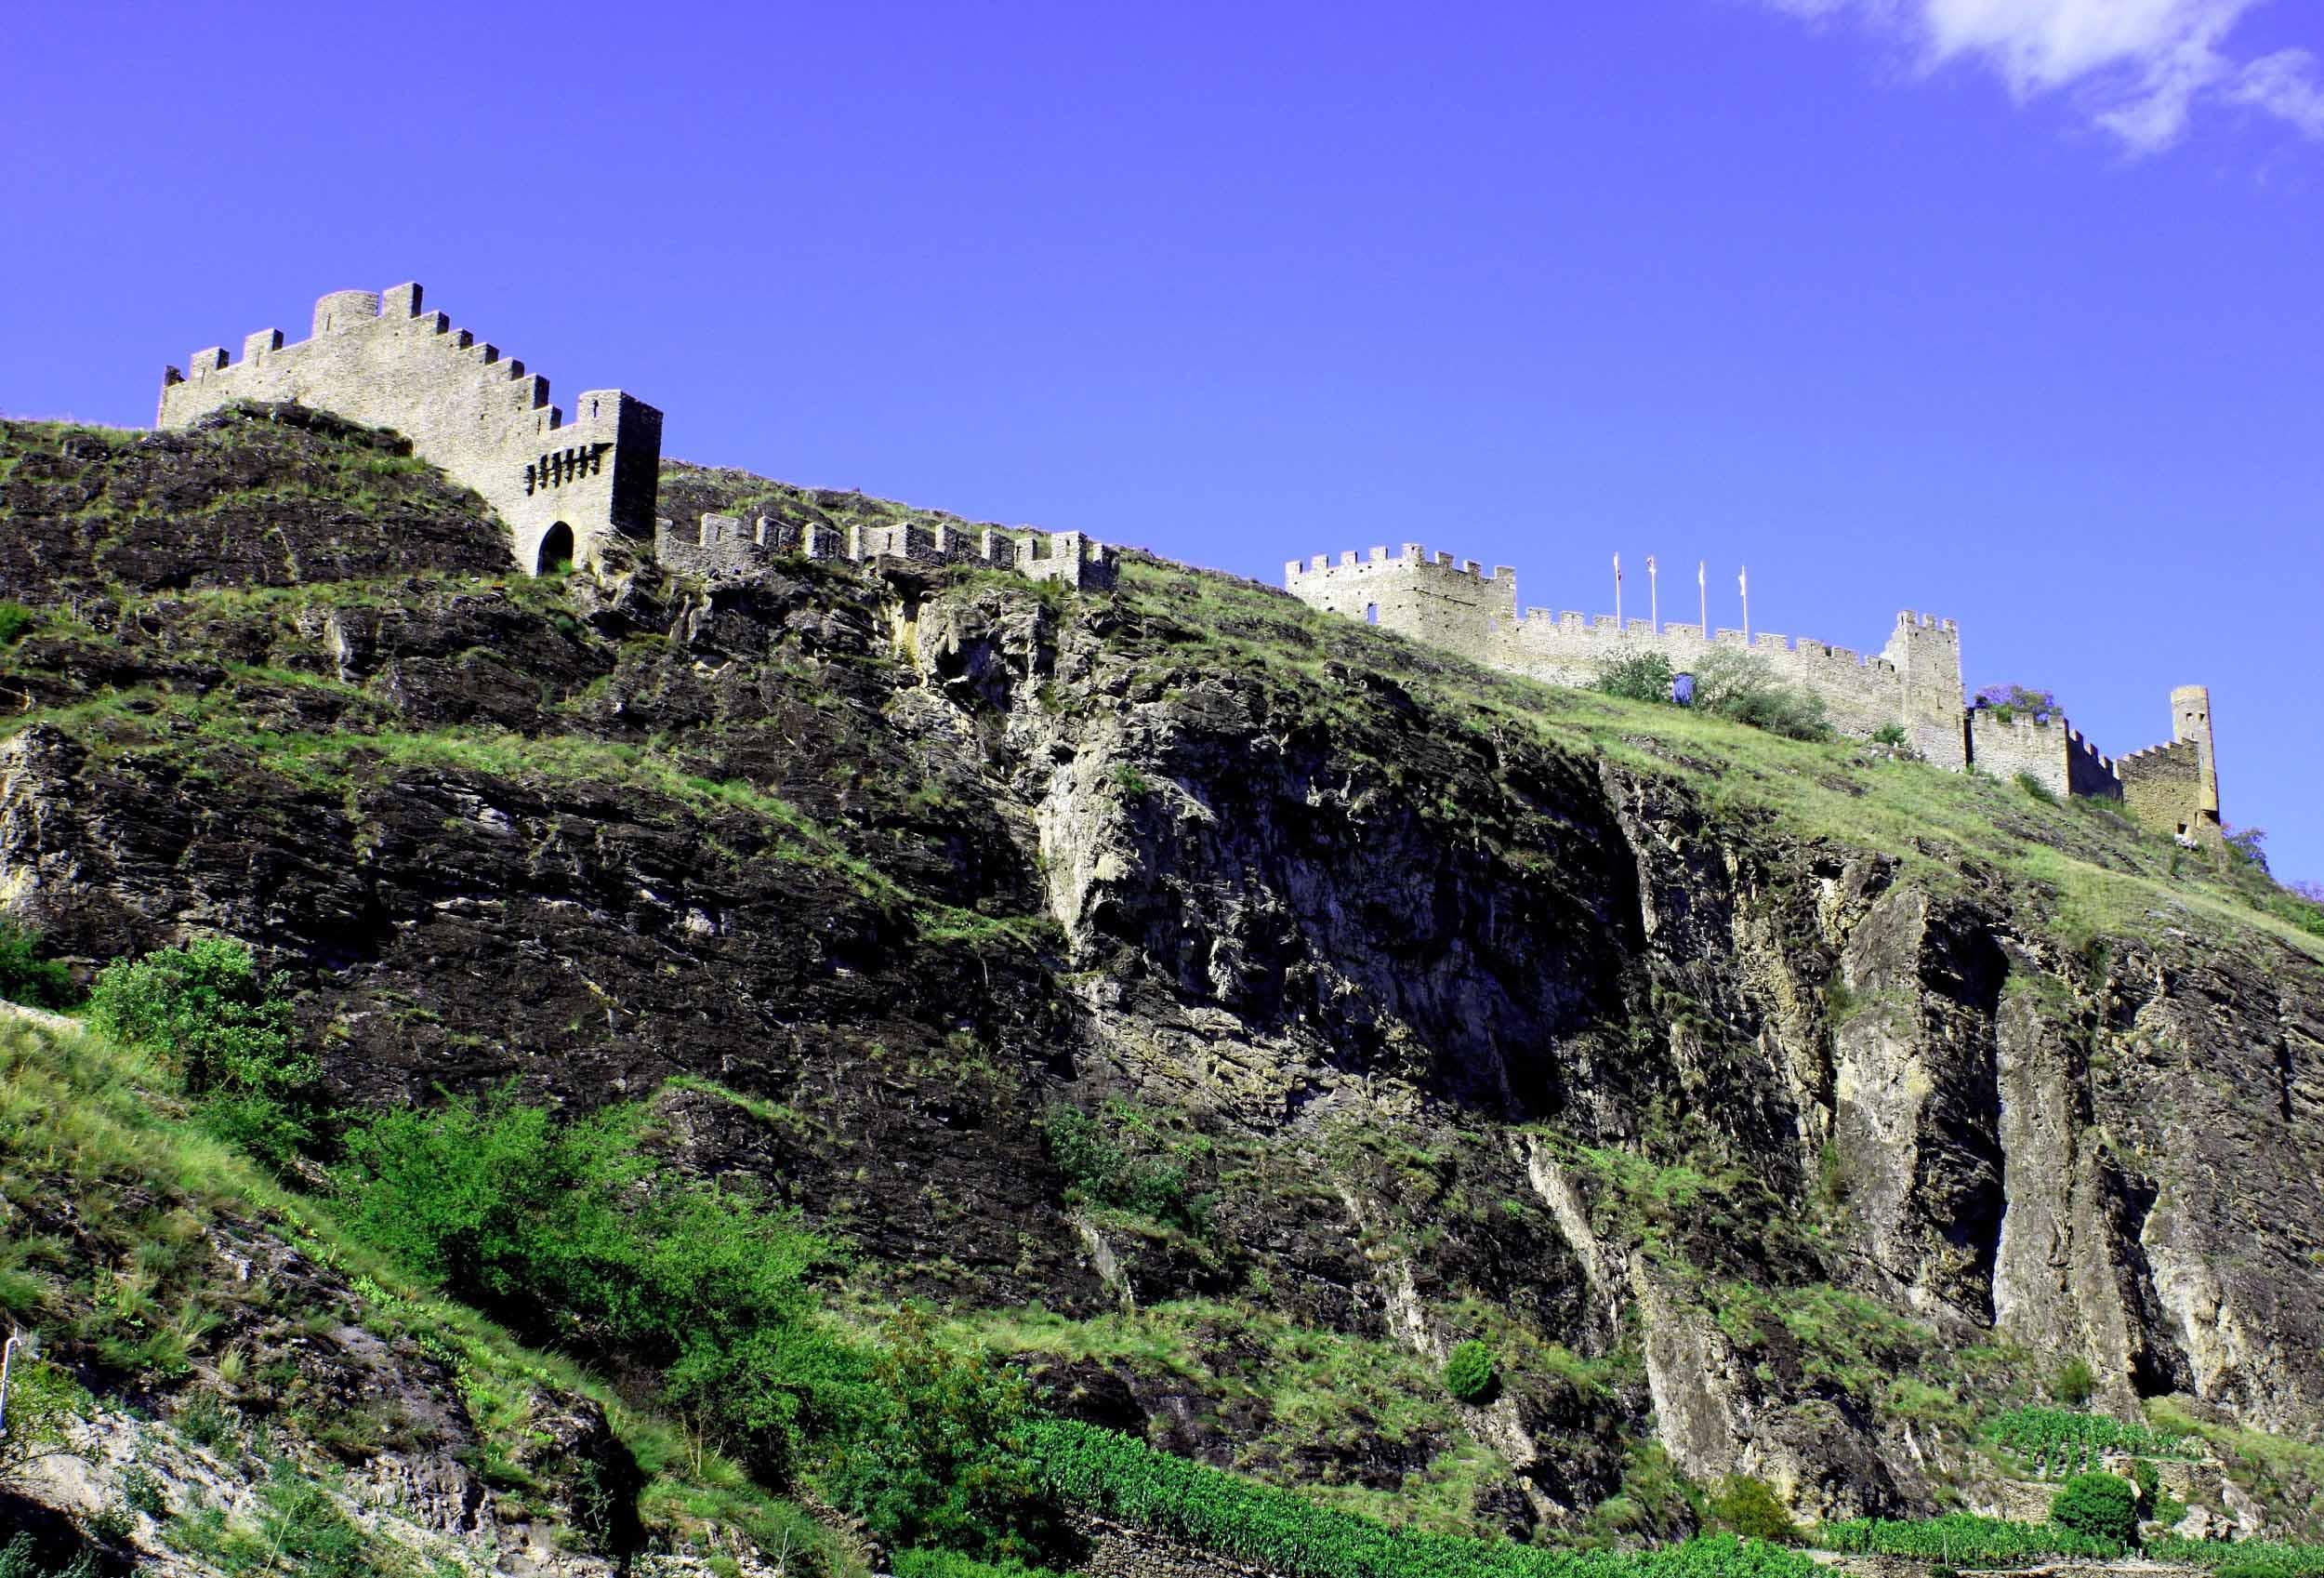 Tourbillon Castle in Sion